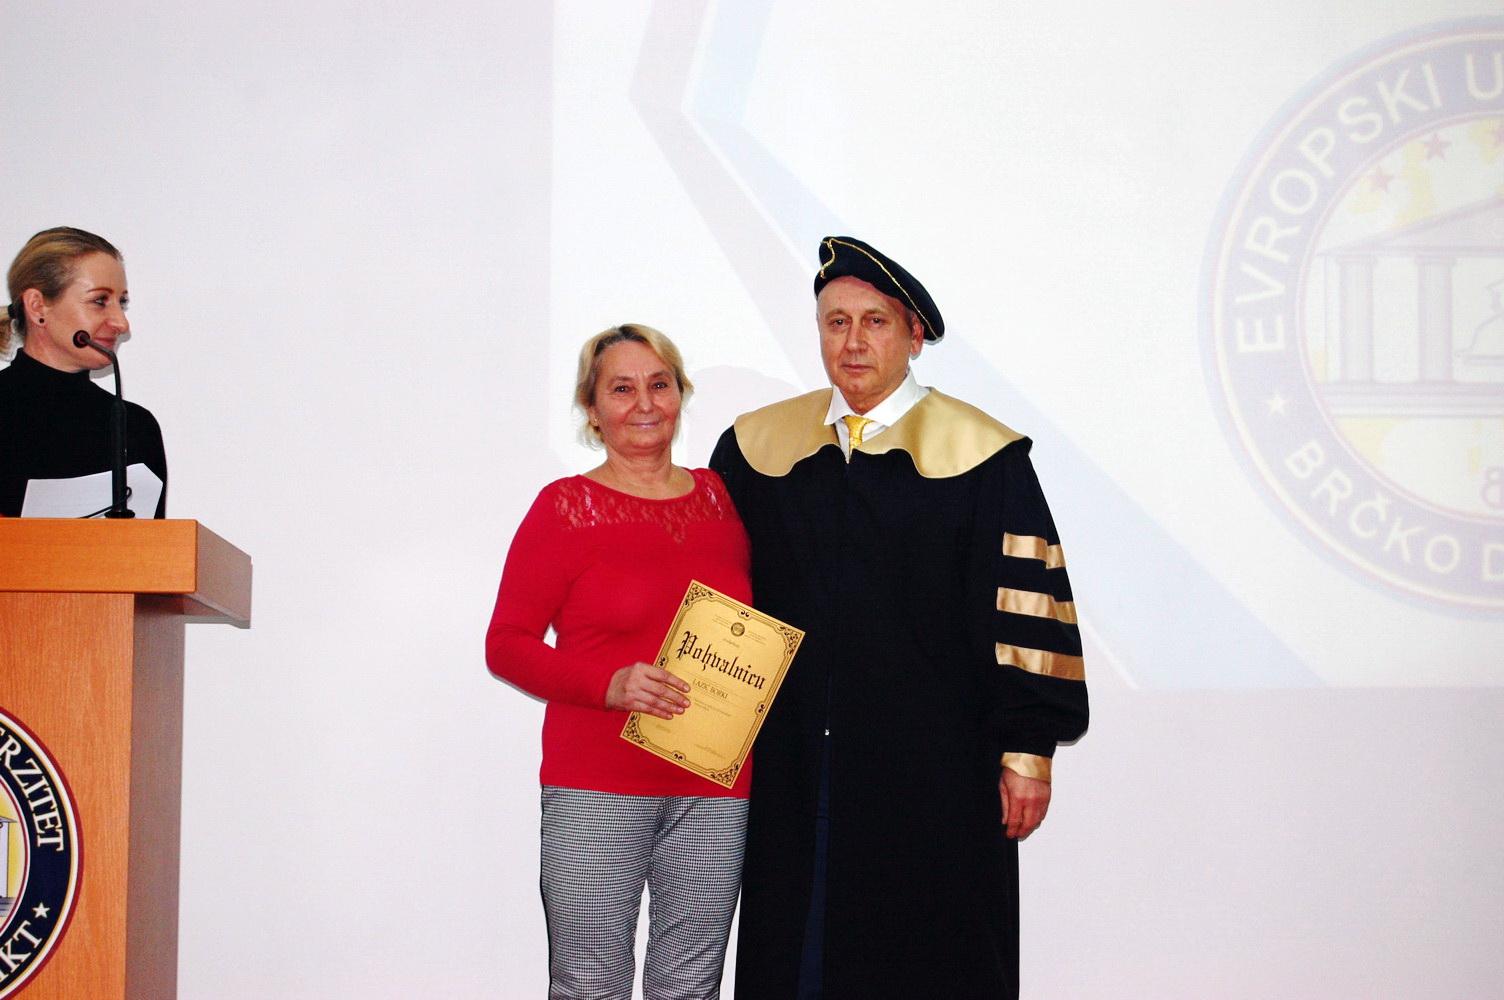 Dan Univerziteta 2020 56